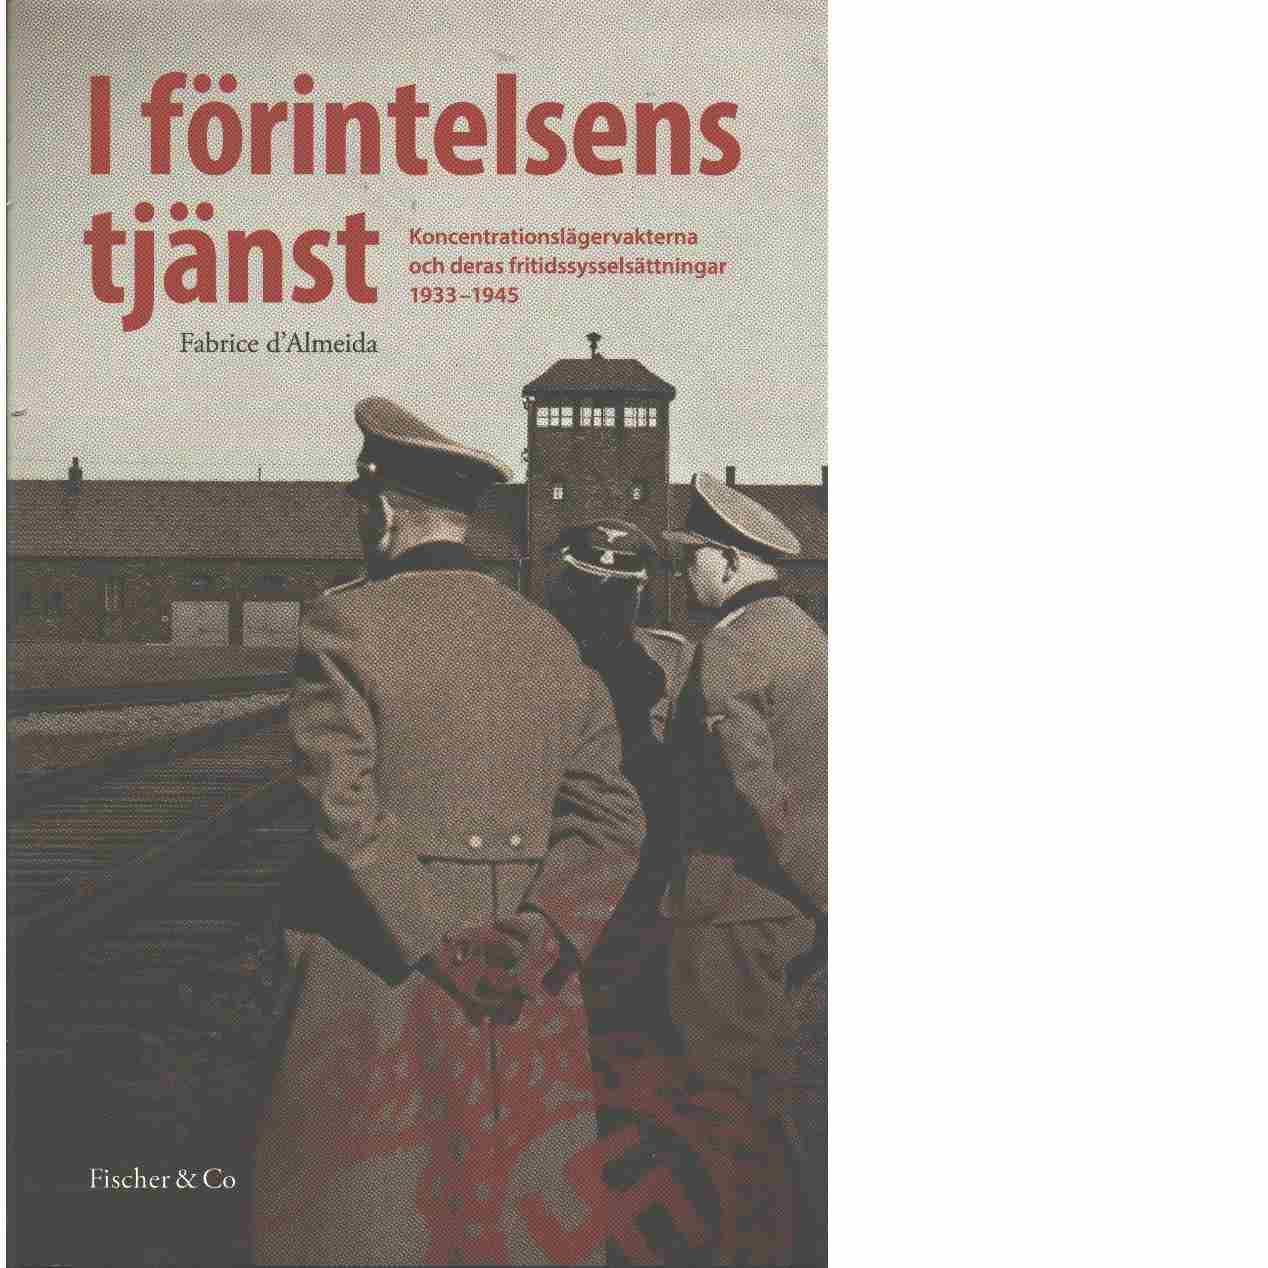 I förintelsens tjänst : koncentrationslägervakterna och deras fritidssysselsättningar 1933-1945  - Almeida, Fabrice d'